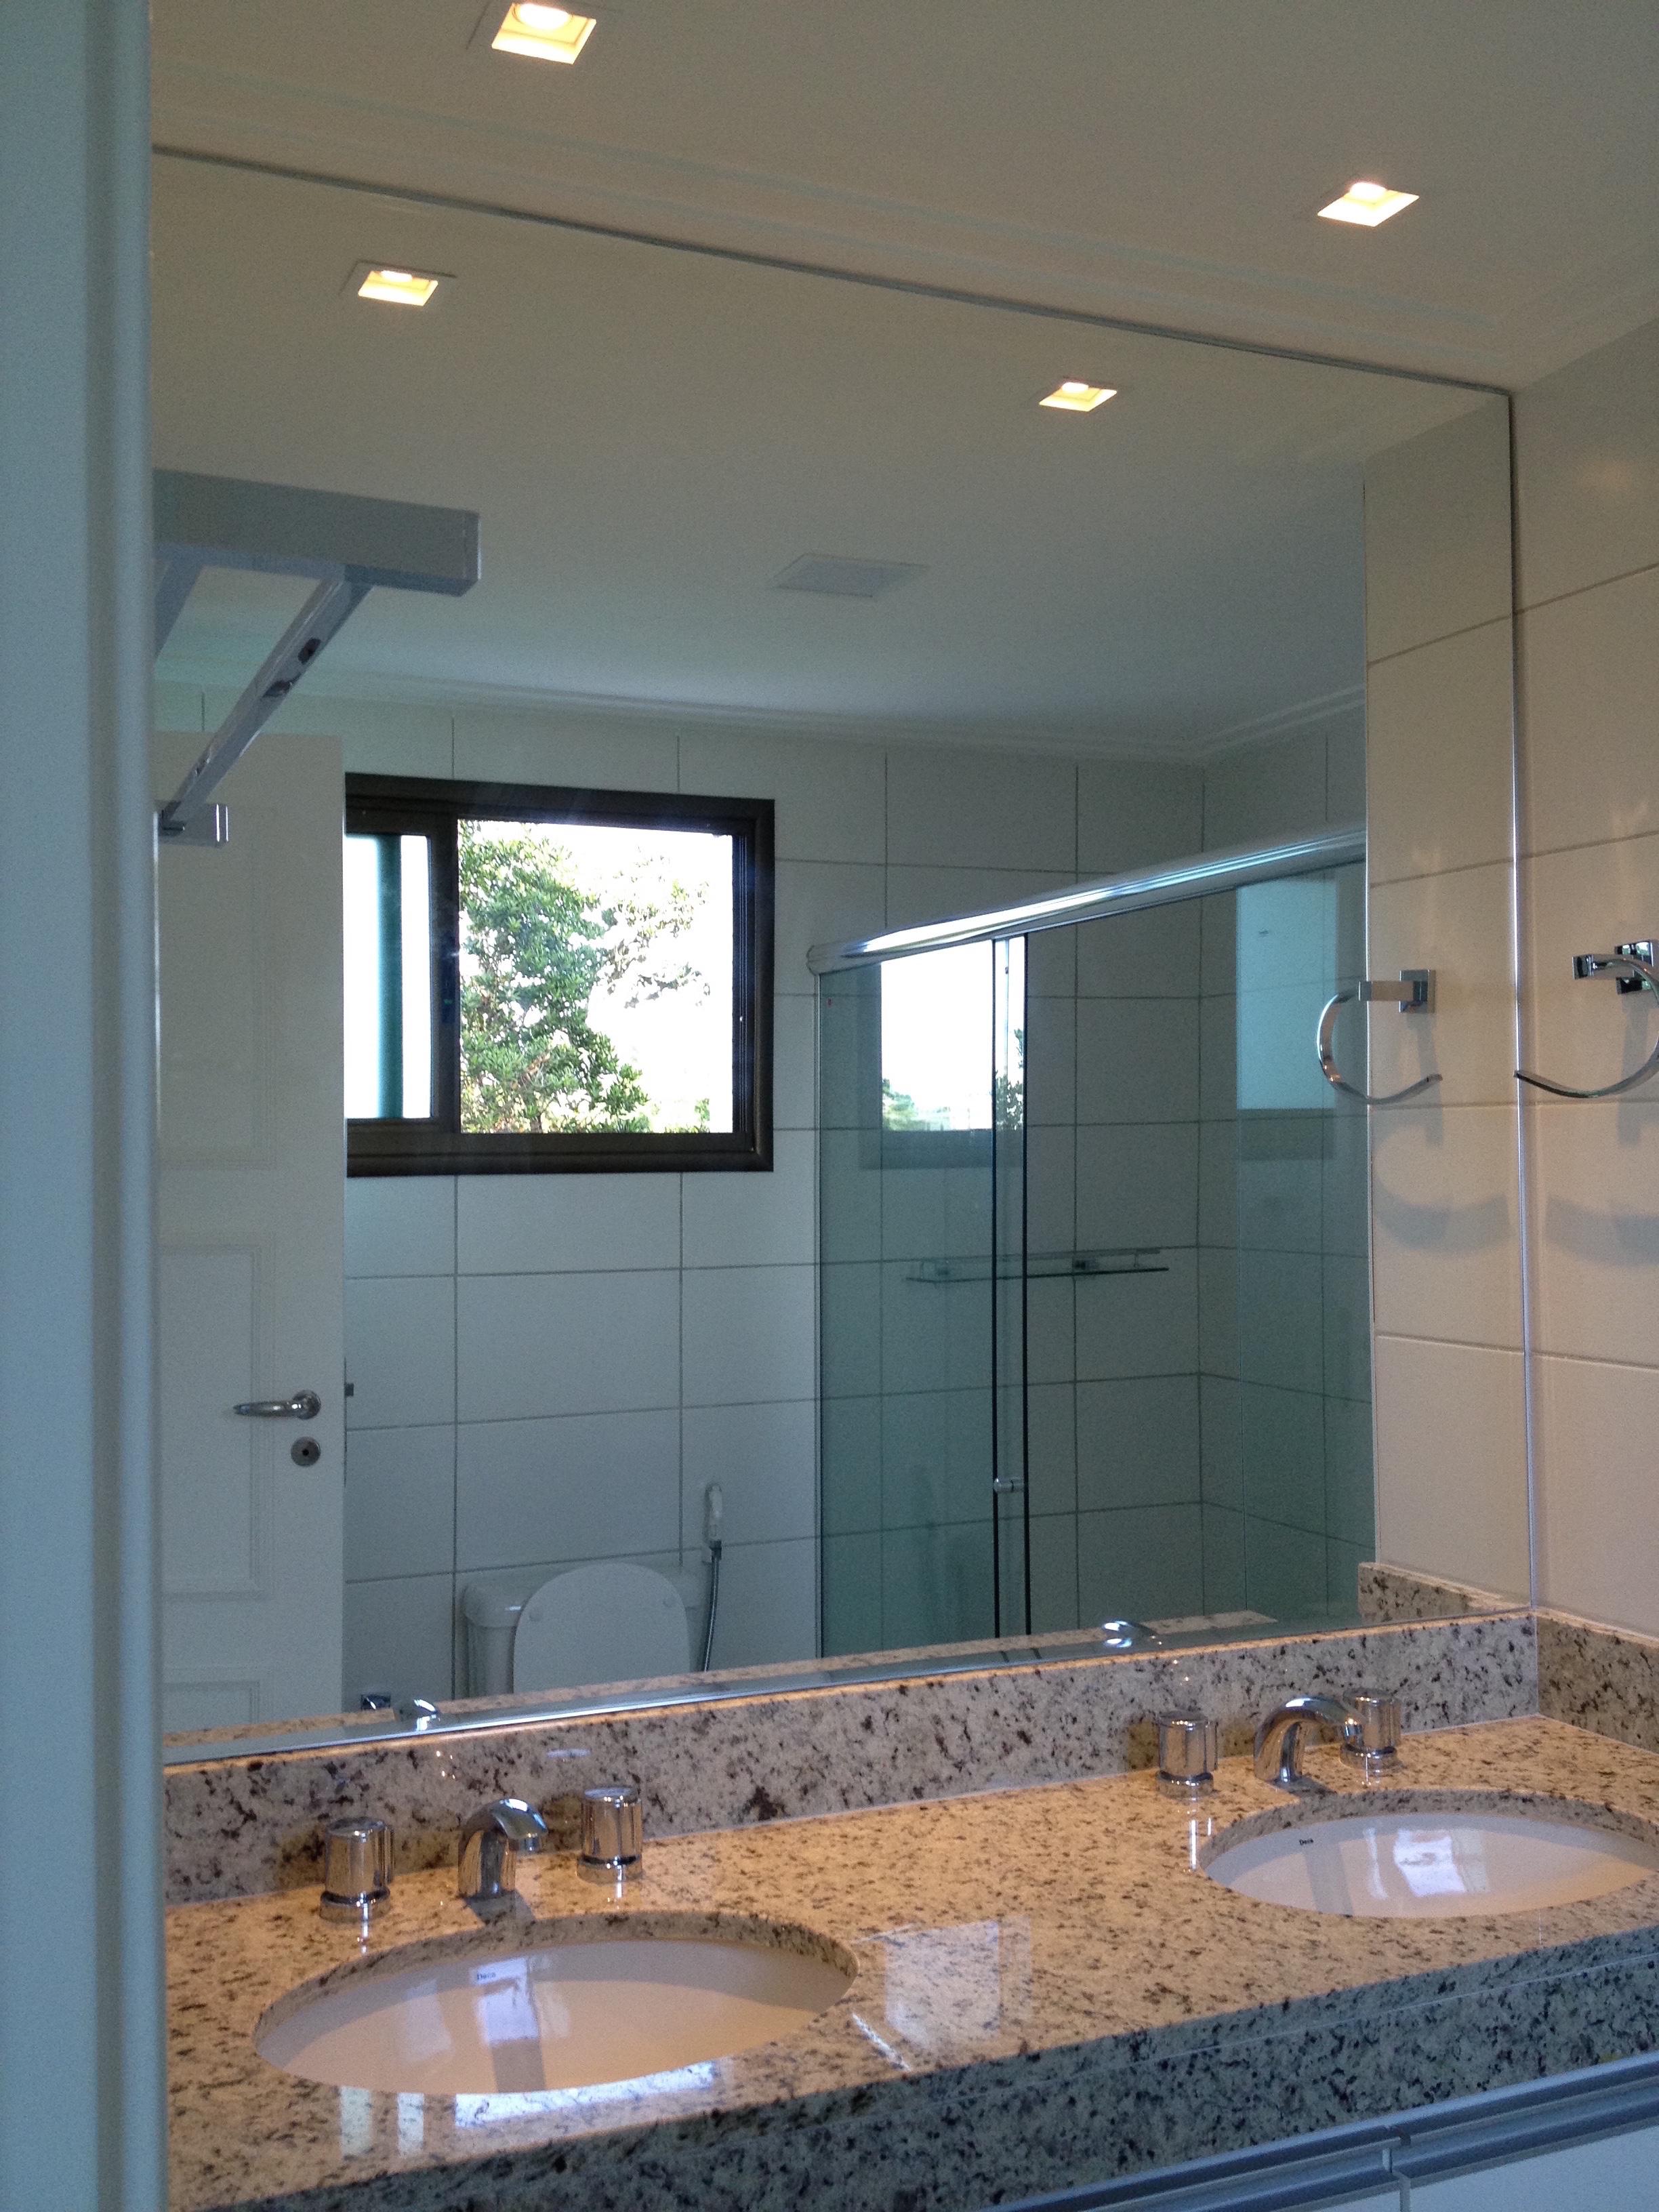 Alquiler m s de 5 habitaciones salvador bahia brasil for Alquiler de habitaciones para 3 personas